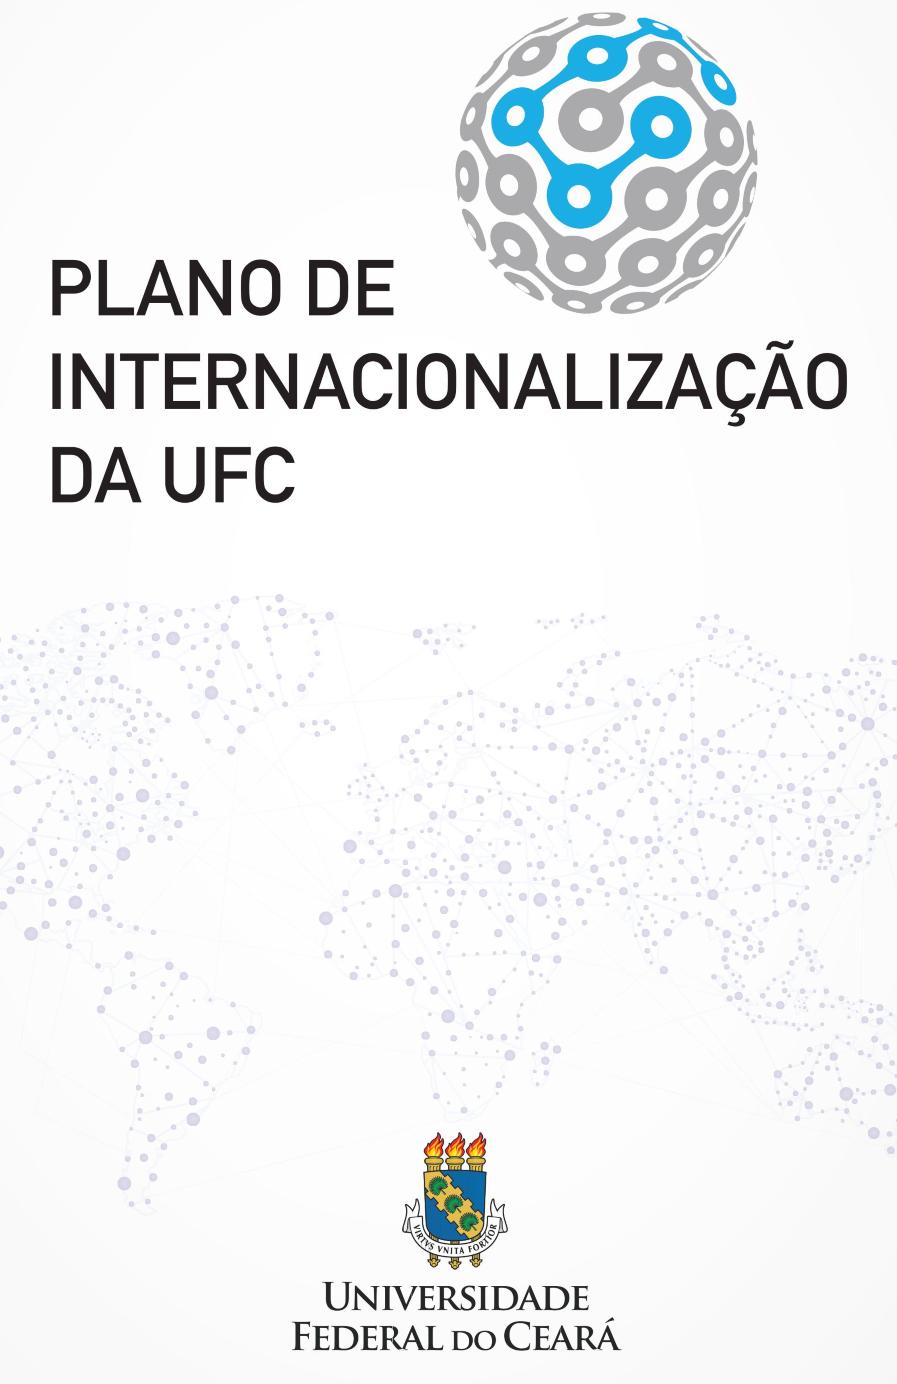 Plano de Internacionalização da UFC